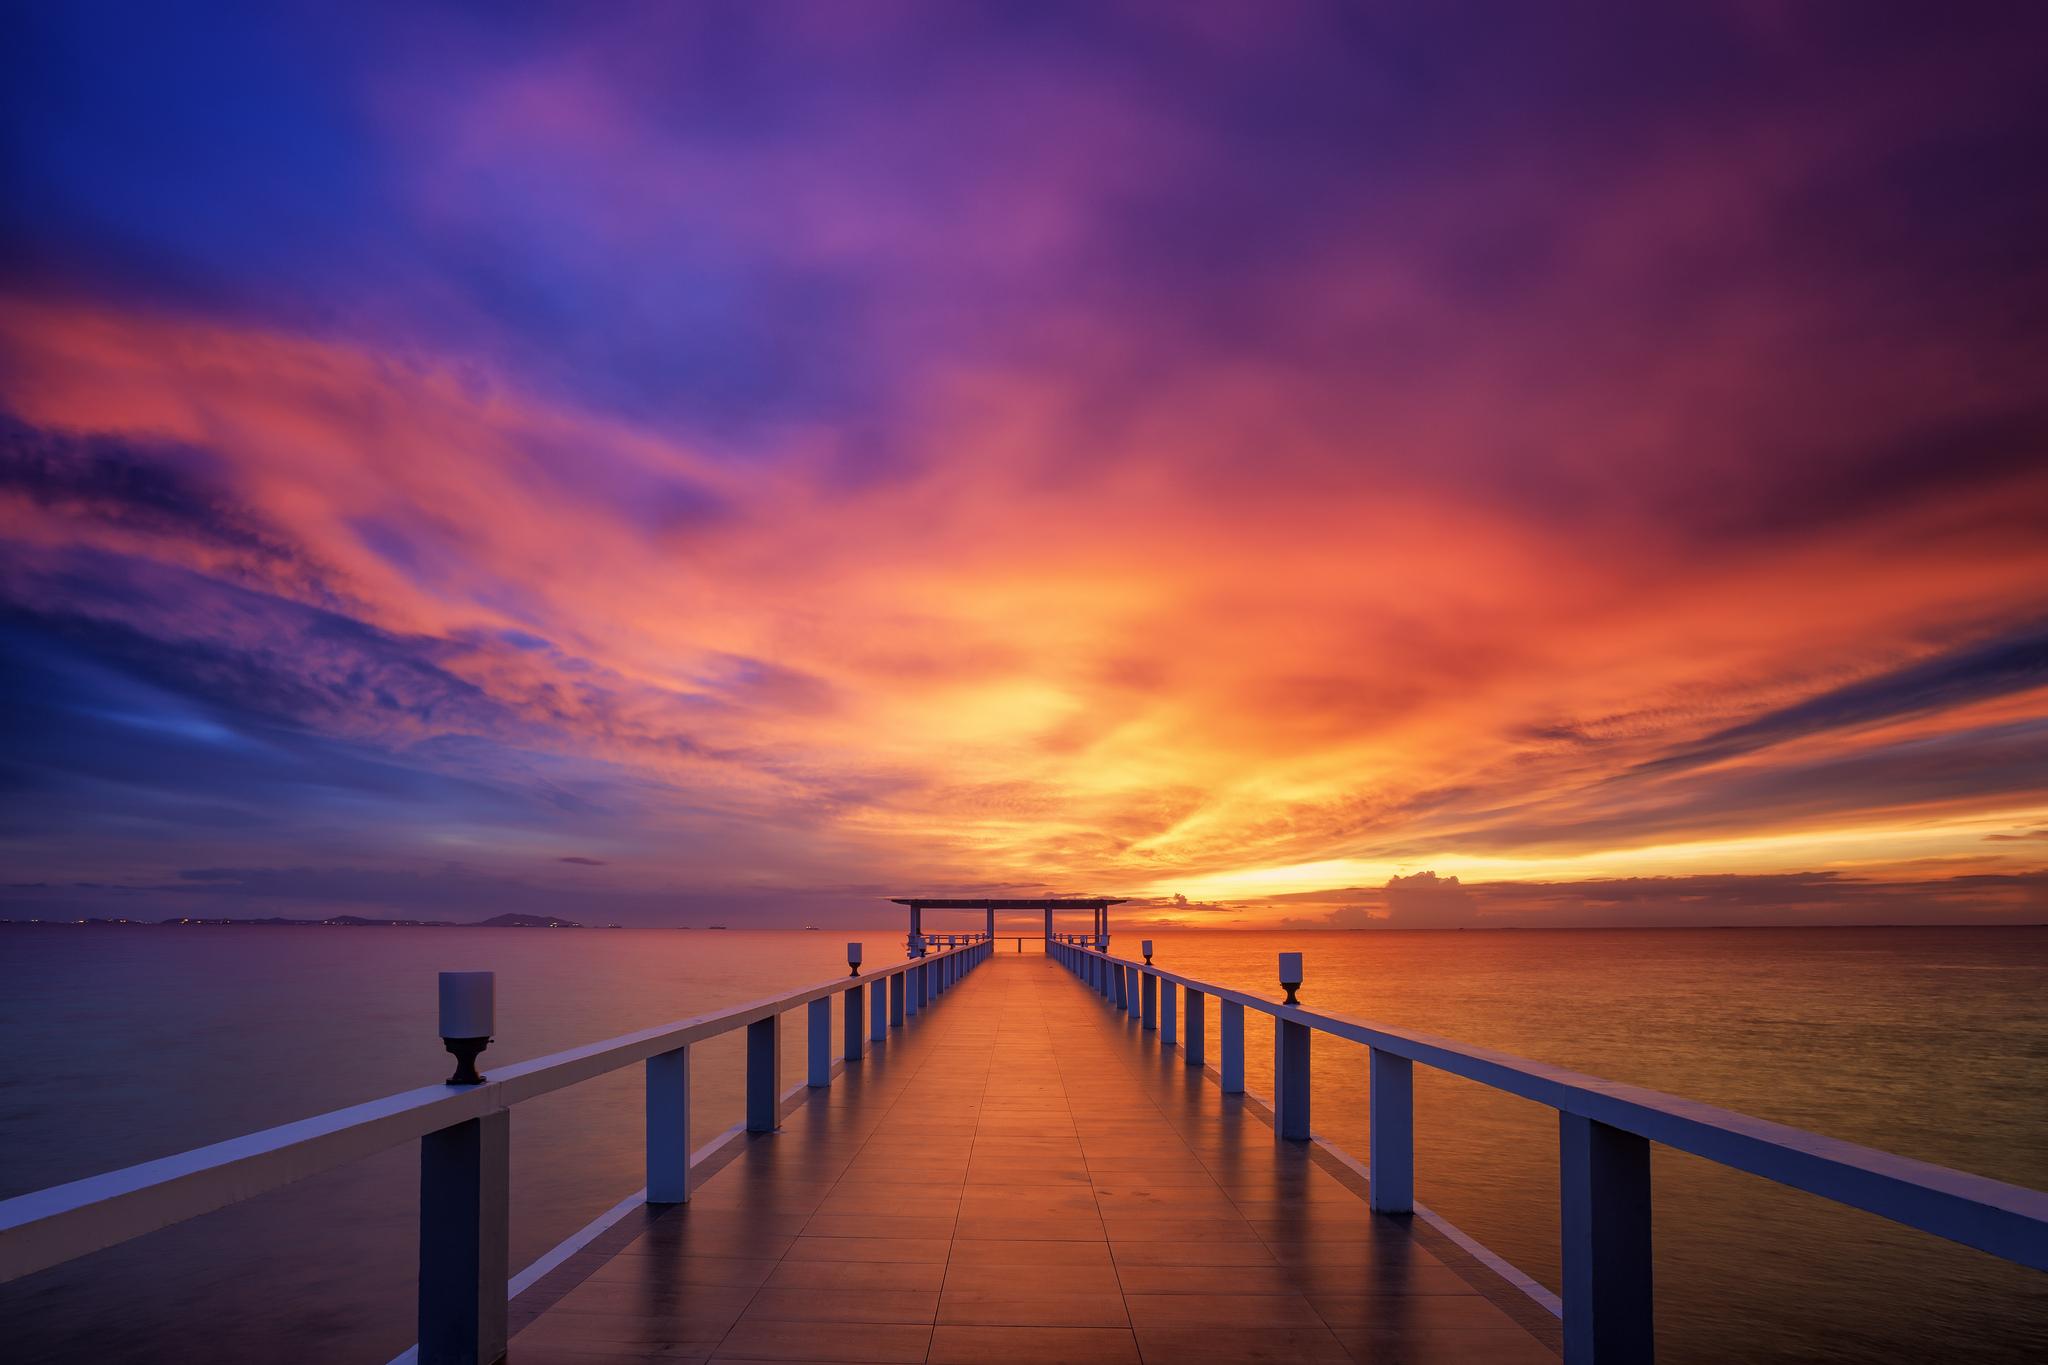 закат солнца, Бангкок, Таиланд